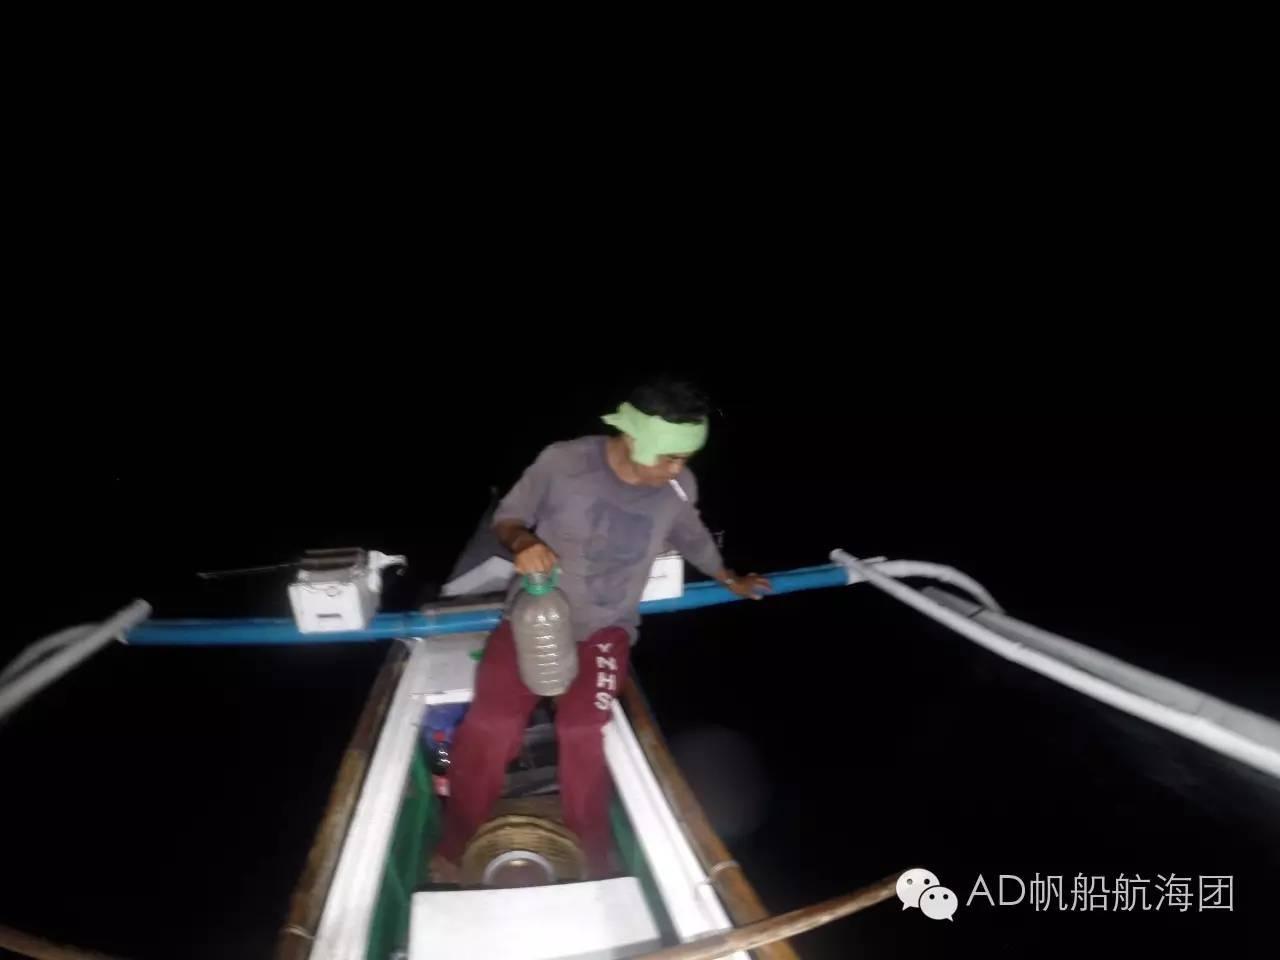 帆船游记二十三:甘米银岛夜捕金枪鱼 48518b7e6423a919b1e8e8c4f34f1edb.jpg